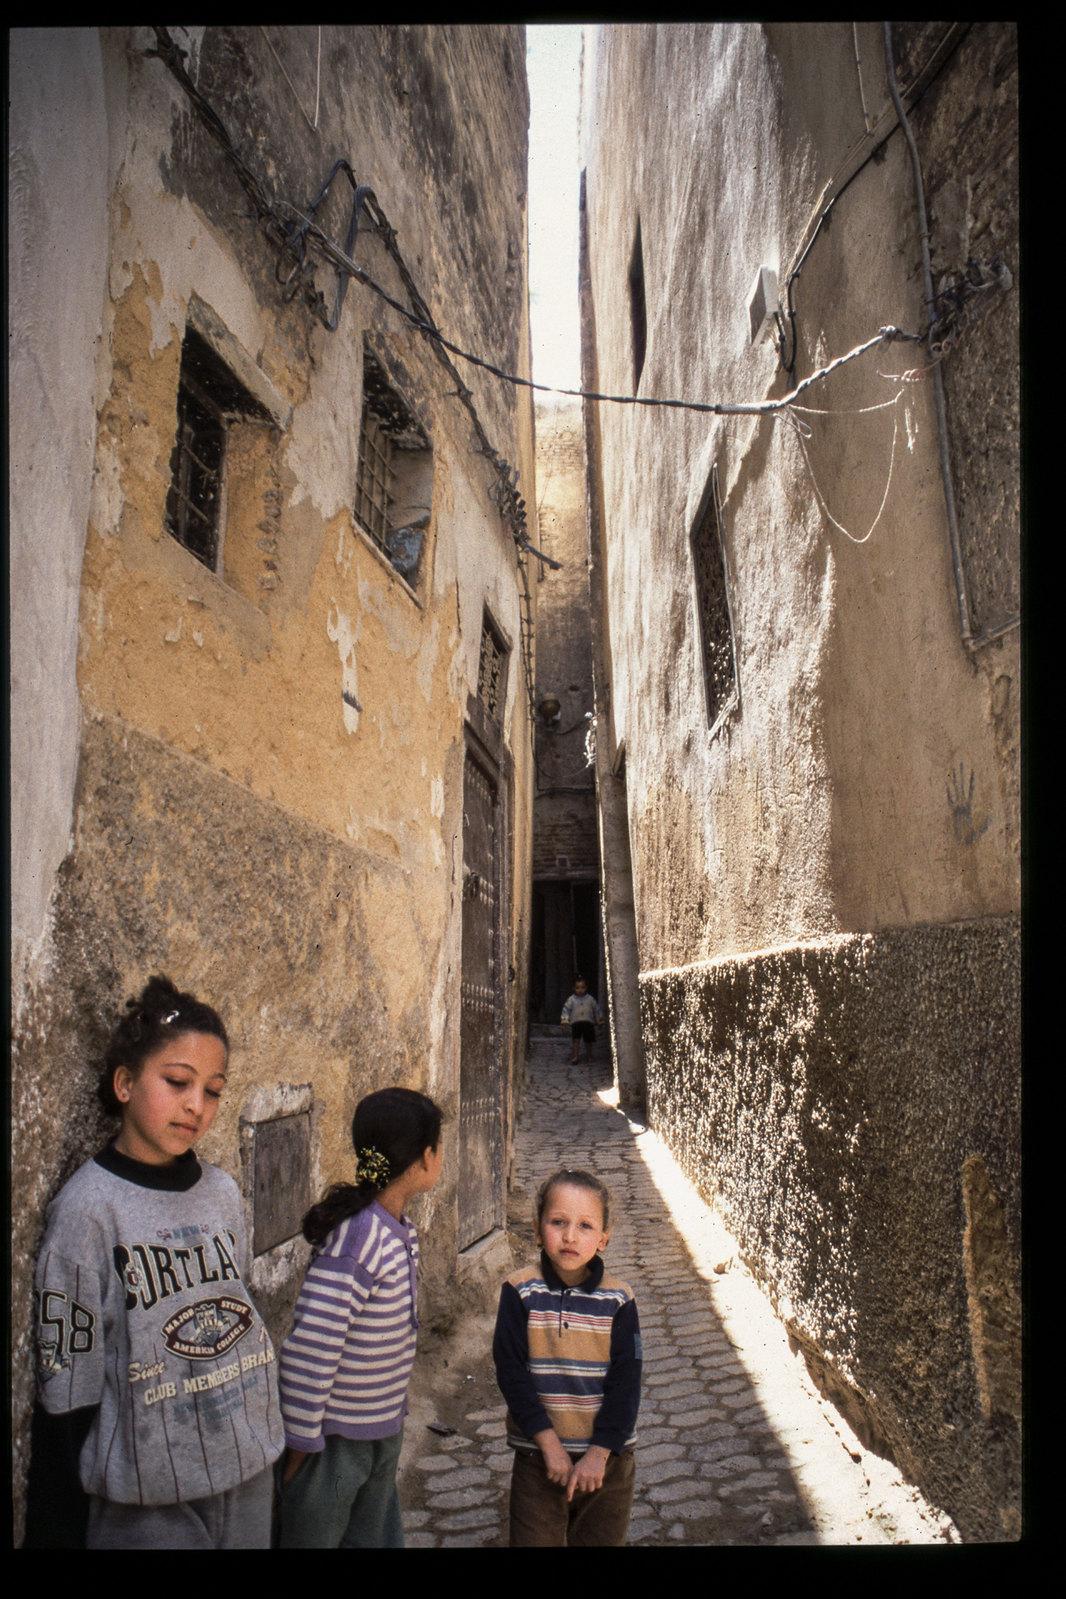 Festival de Fes - Les ruelles de la Medina